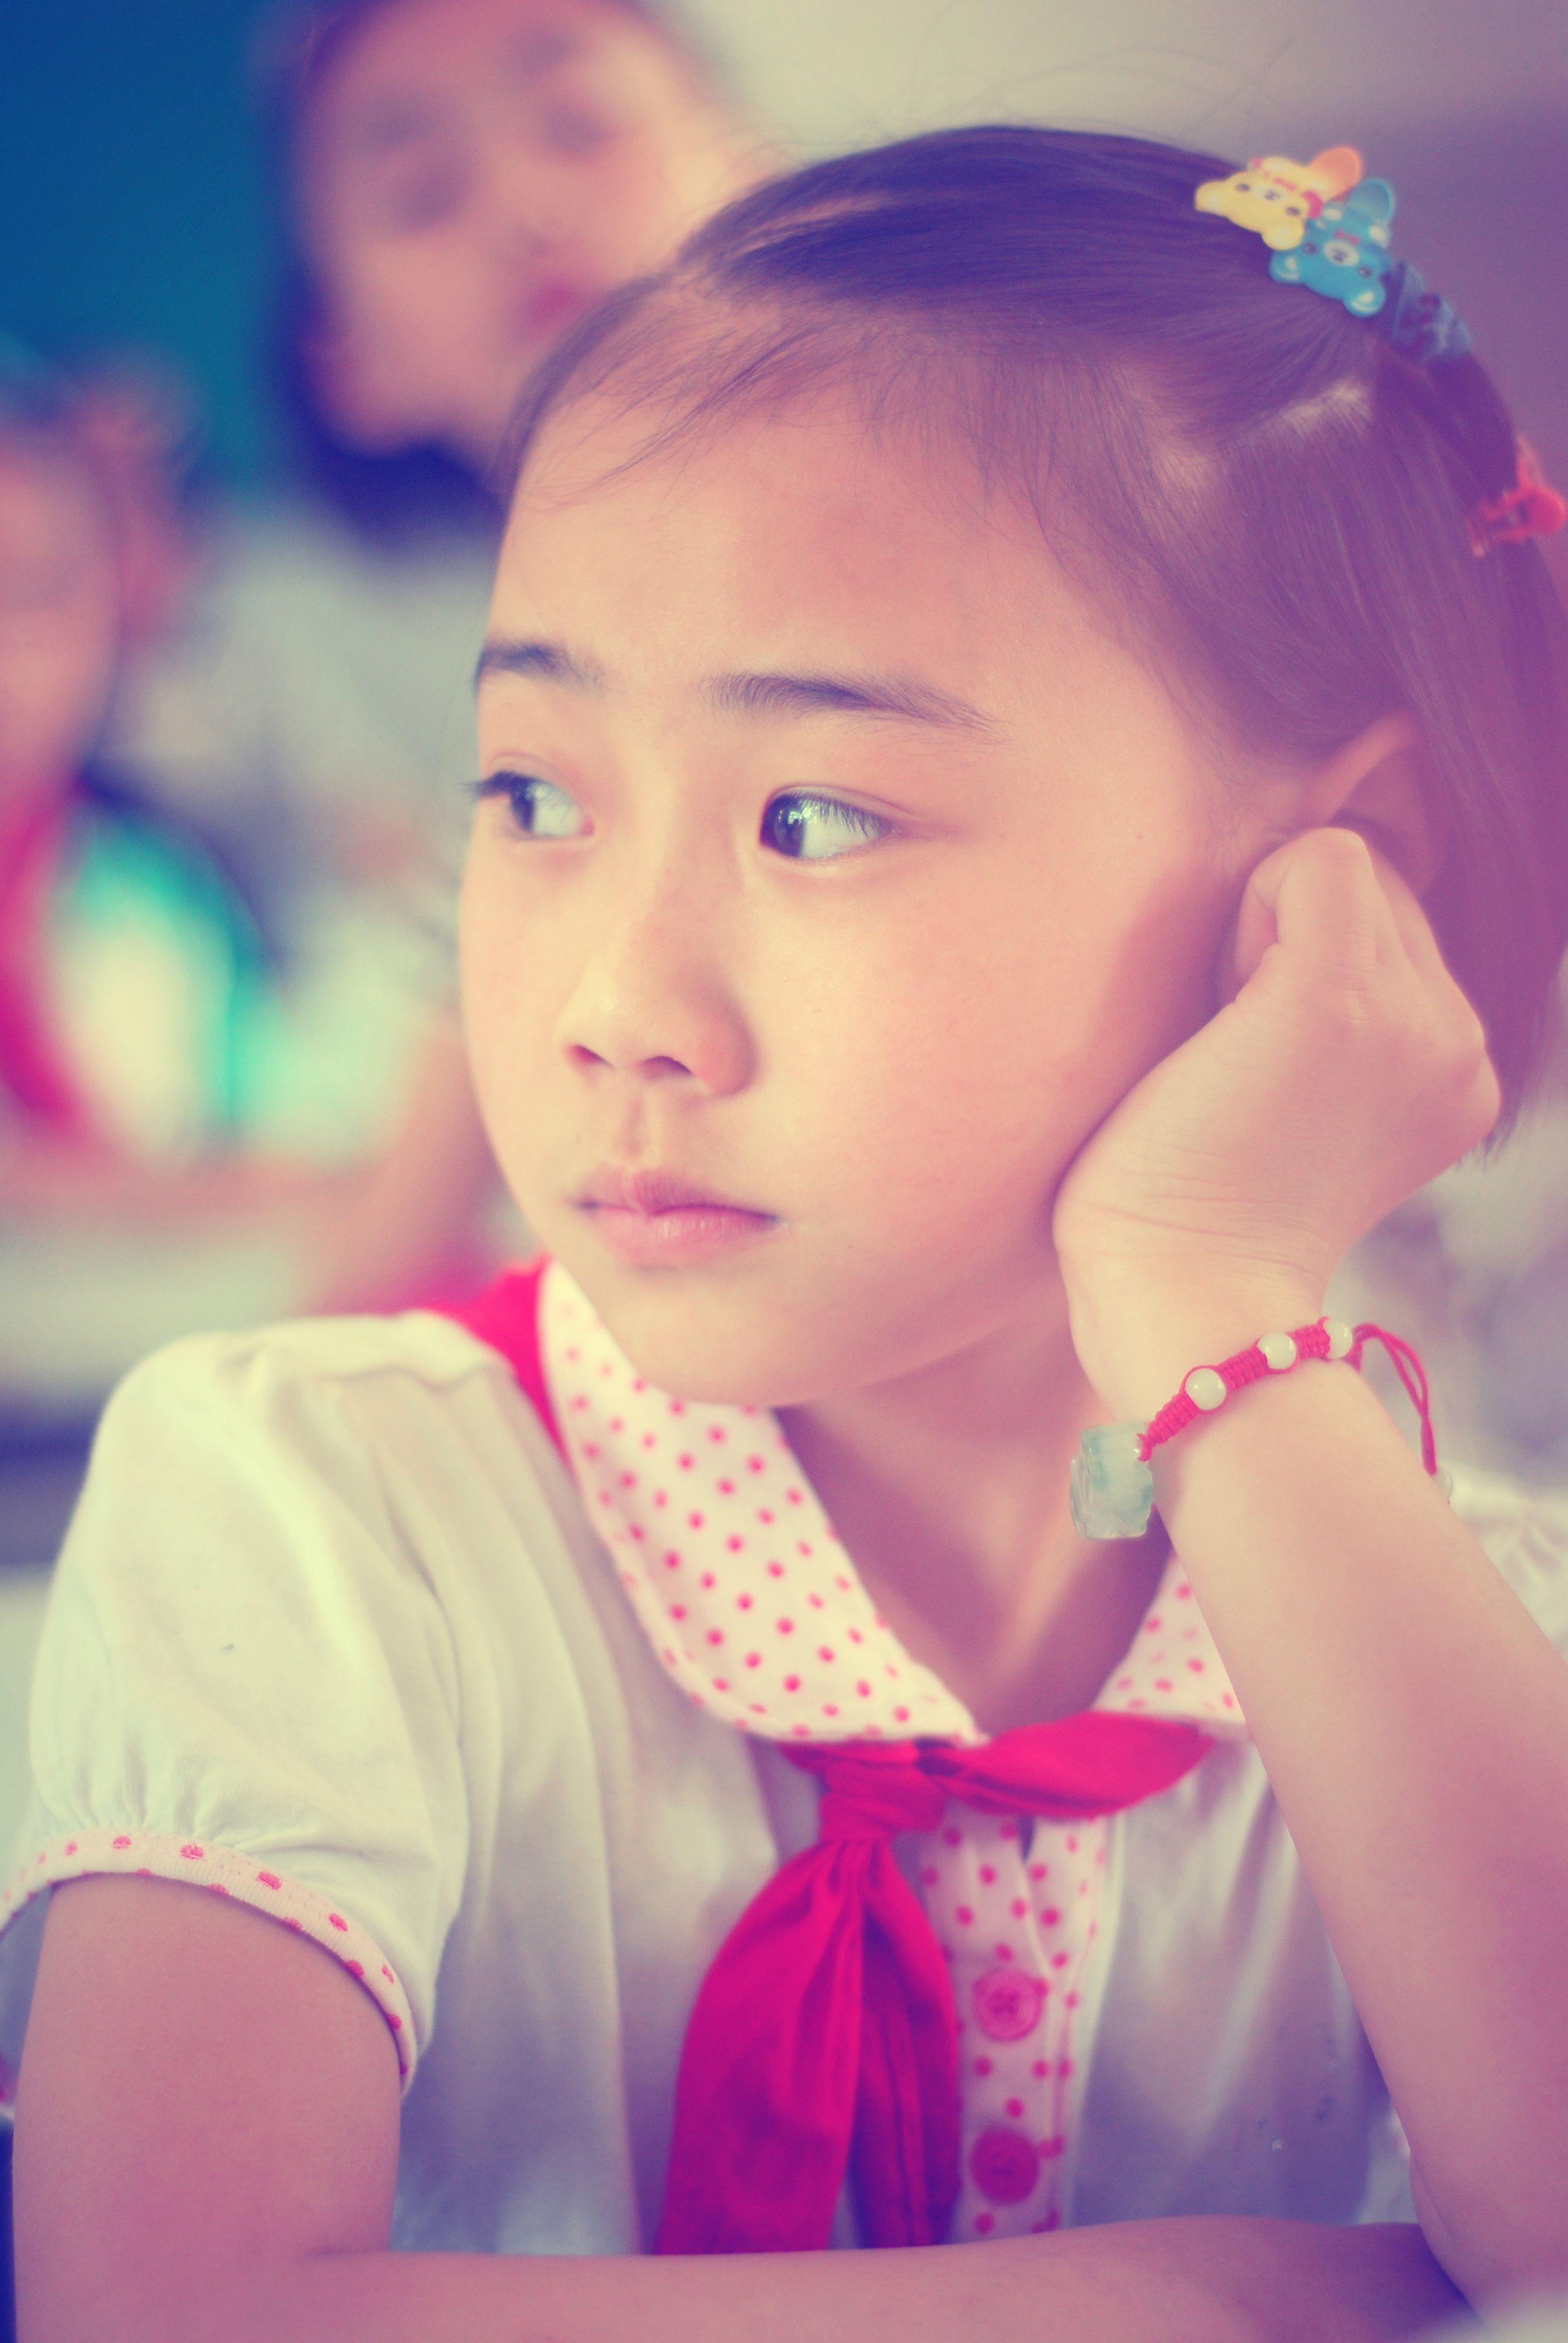 13岁小女孩尿道图_求几张13岁可爱漂亮小女孩的照片,_百度知道